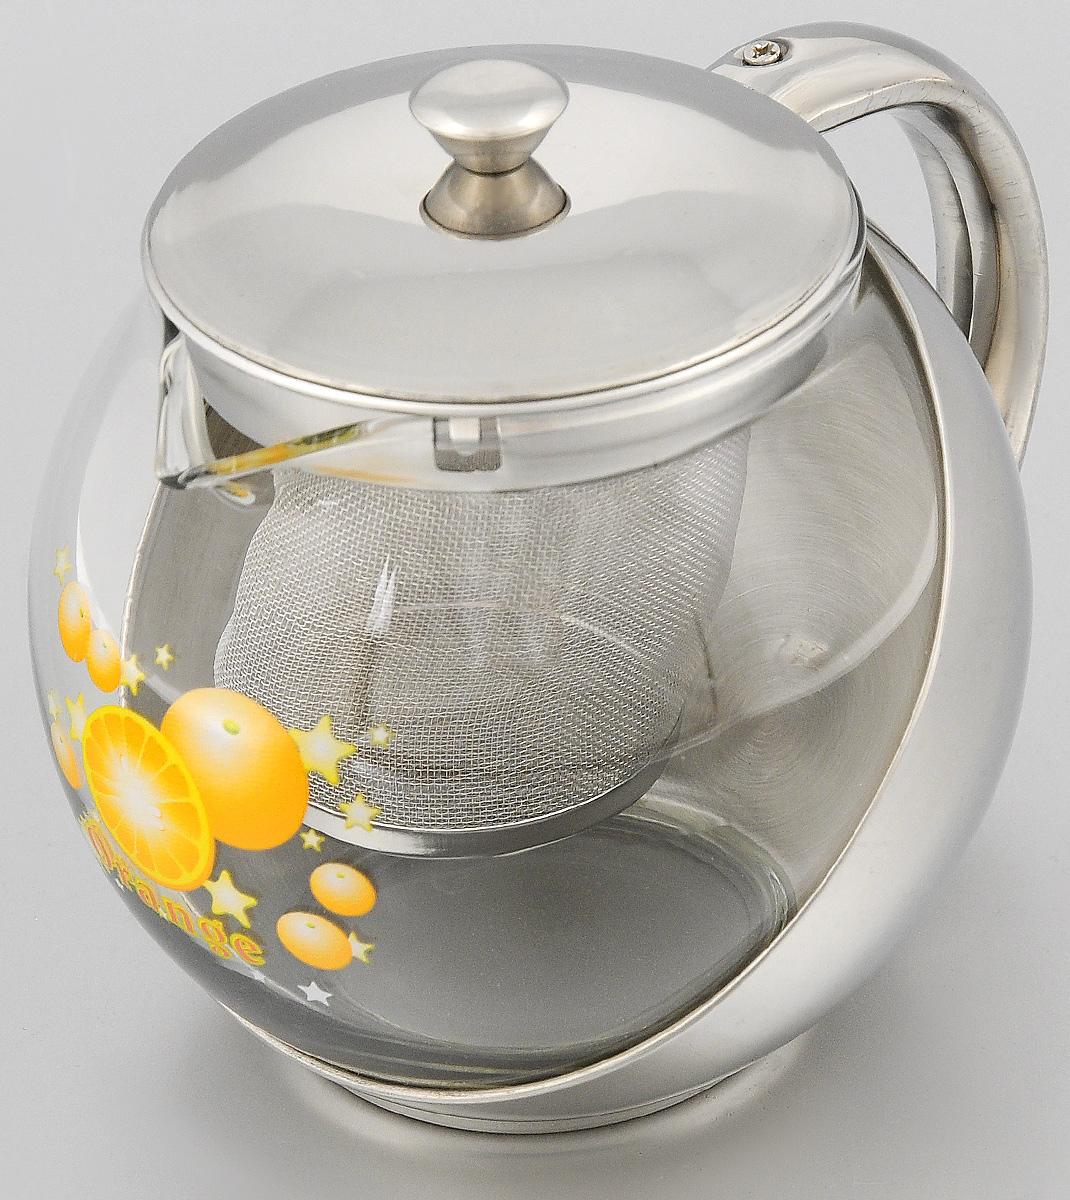 Чайник заварочный Mayer & Boch, с фильтром, 700 мл. 20252025Чайник Mayer & Boch изготовлен из высококачественной нержавеющей стали и жаропрочного стекла. Внутреннее ситечко, выполненное из стали, позволит быстро и легко очистить чайник.Может быть использован для подачи как горячих, так и холодных напитков. Простой и удобный чайник Mayer & Boch послужит великолепным подарком для любителей чая.Можно мыть в посудомоечной машине. Диаметр чайника (по верхнему краю): 8 см.Высота чайника (без учета крышки): 11 см.Высота фильтра: 7,5 см.